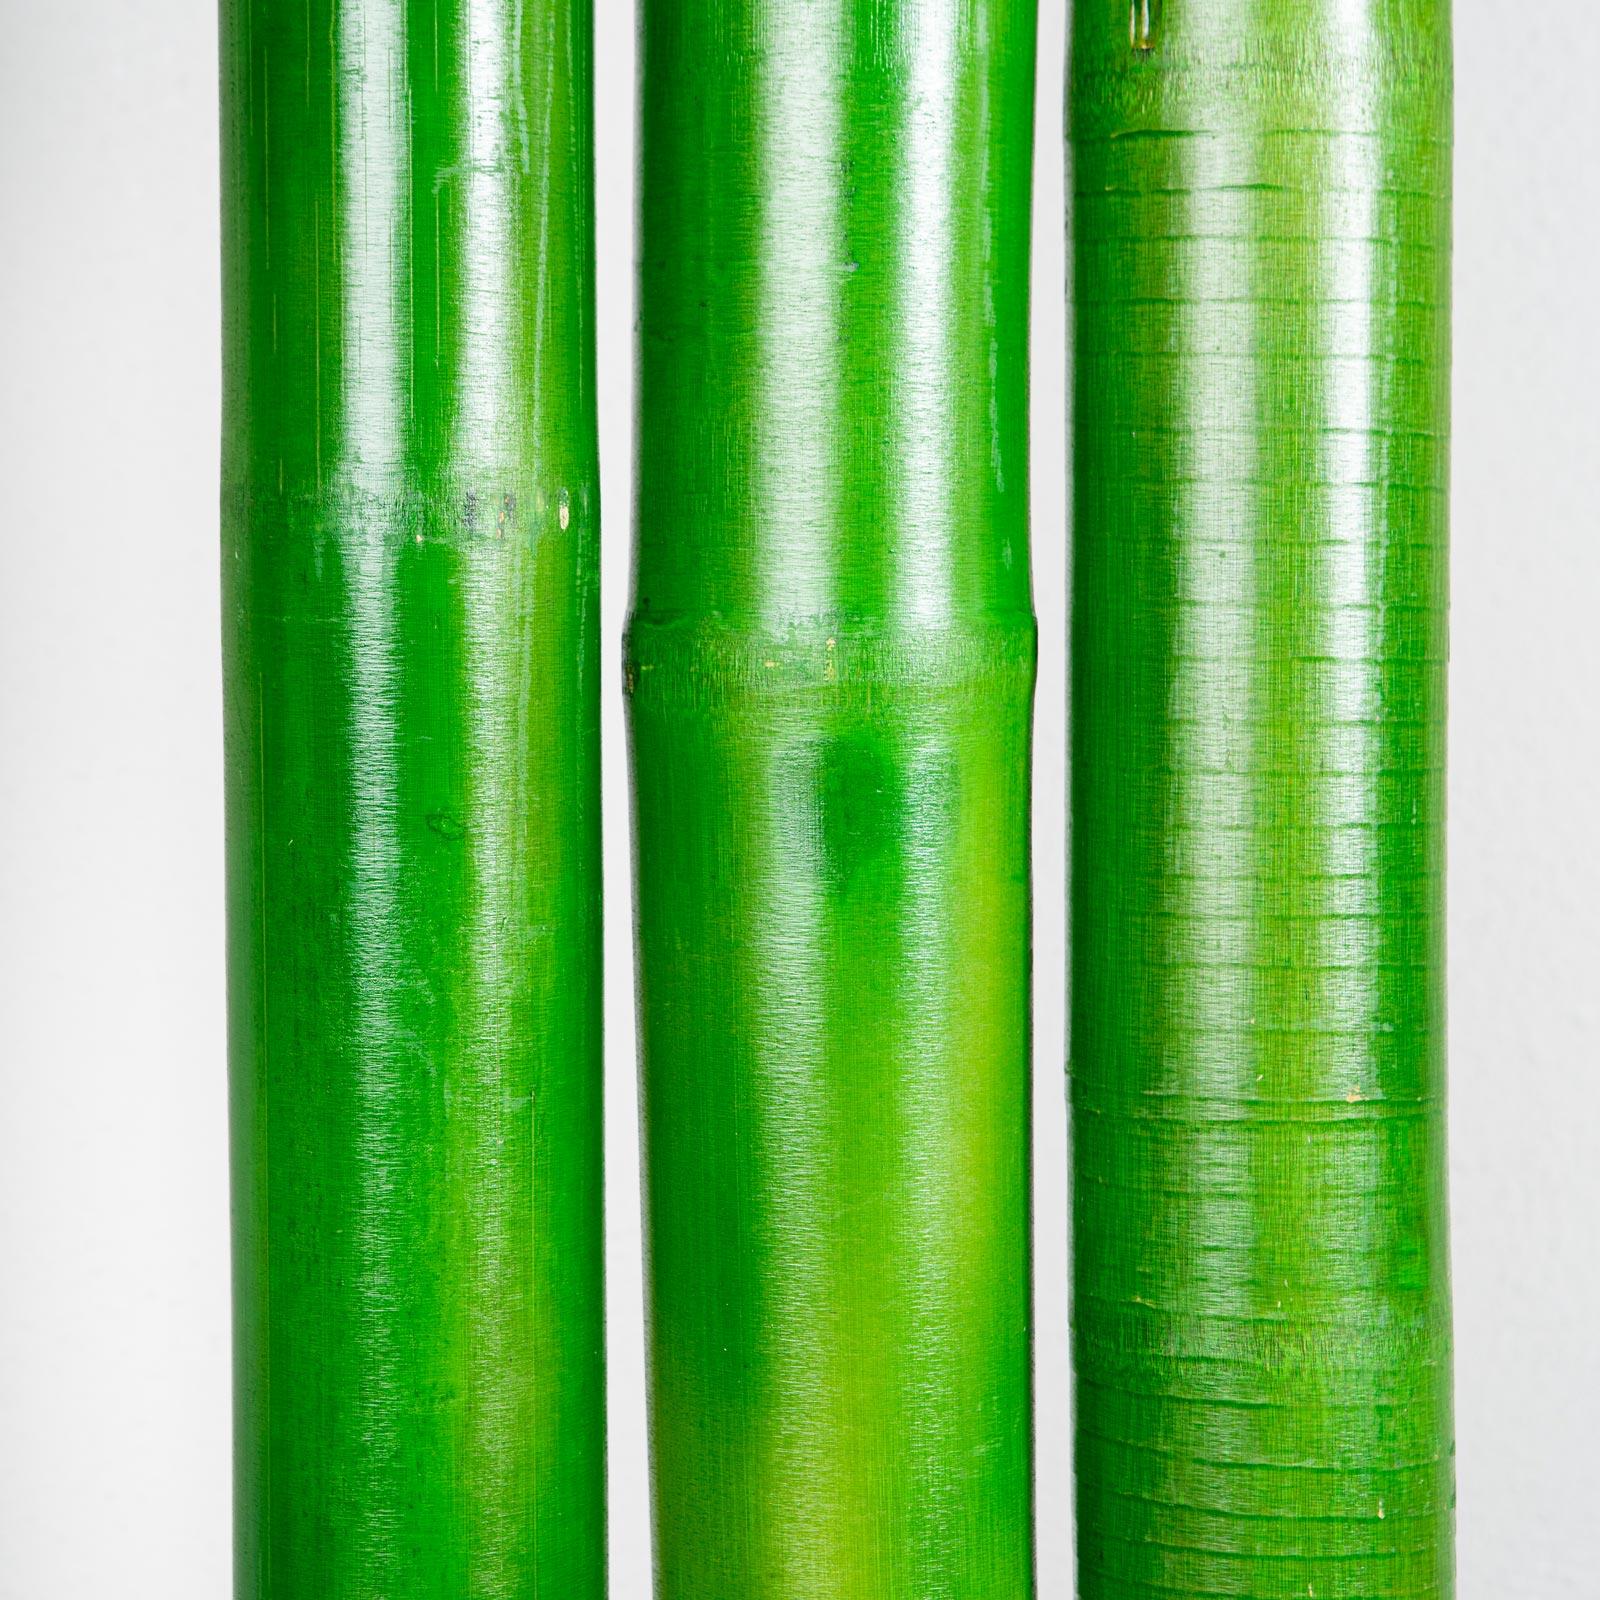 Bambuszaun für den eigenen Garten mit 15% Rabatt